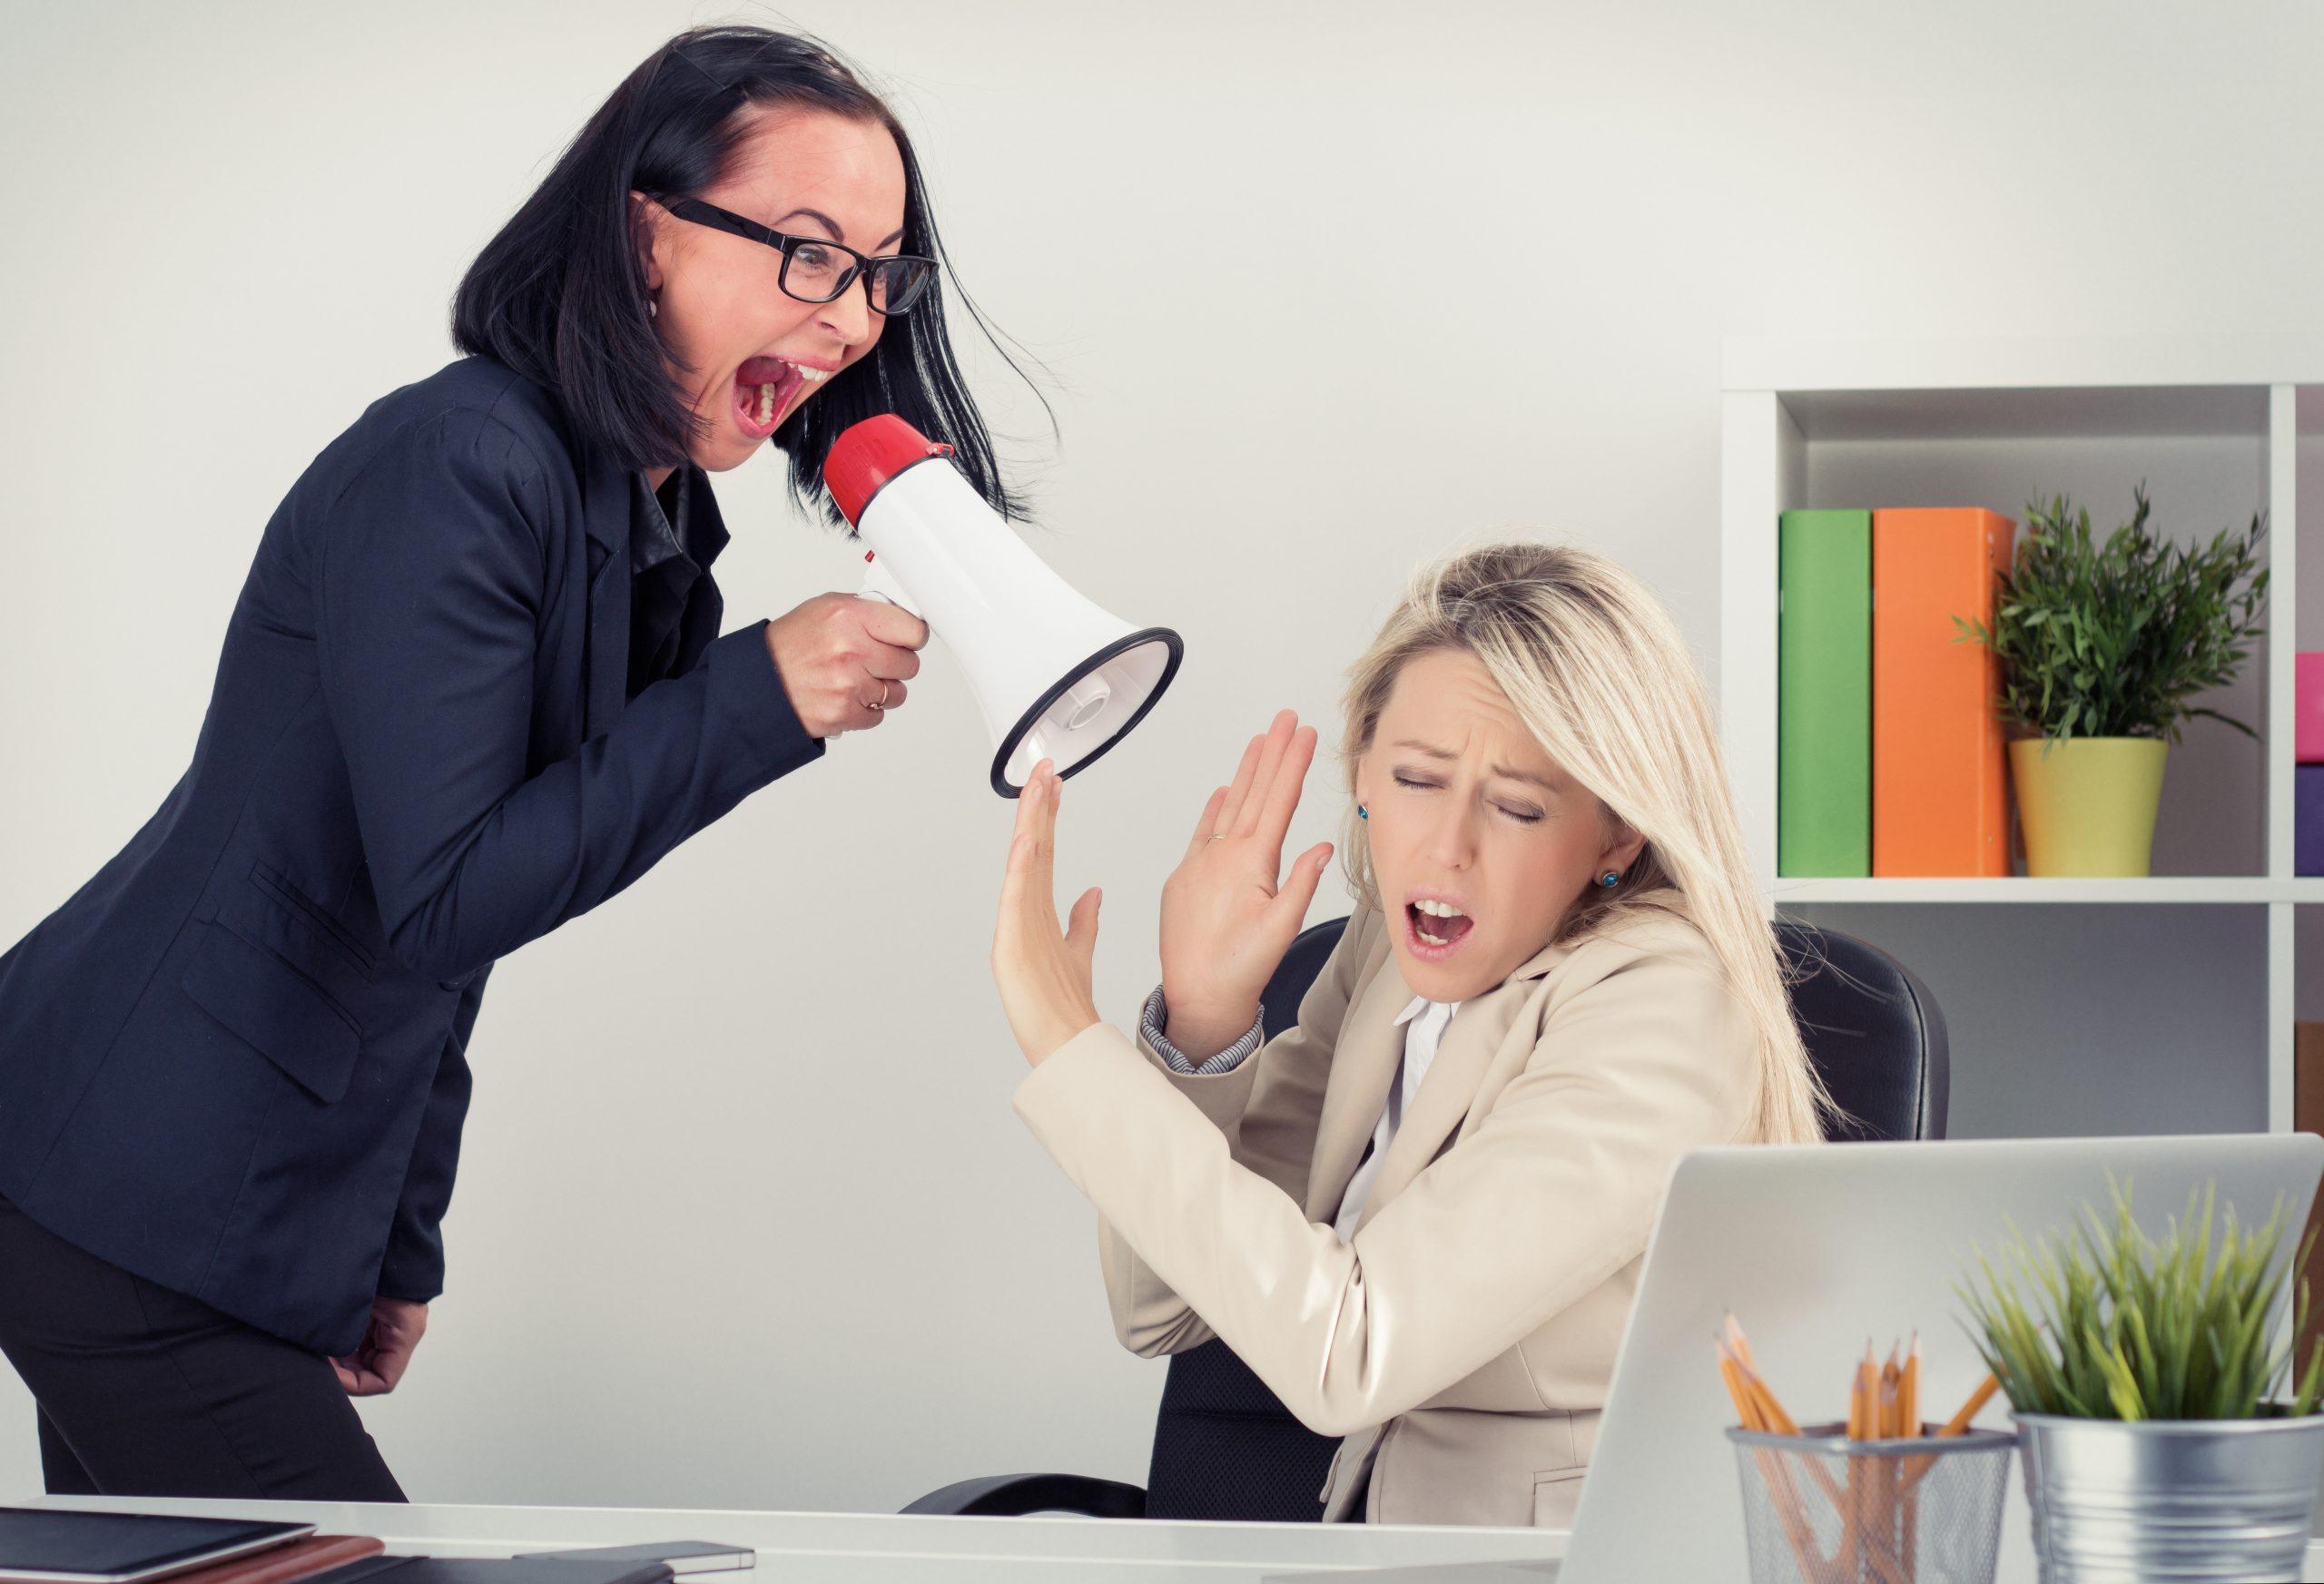 Man boss shouting at employee on megaphone